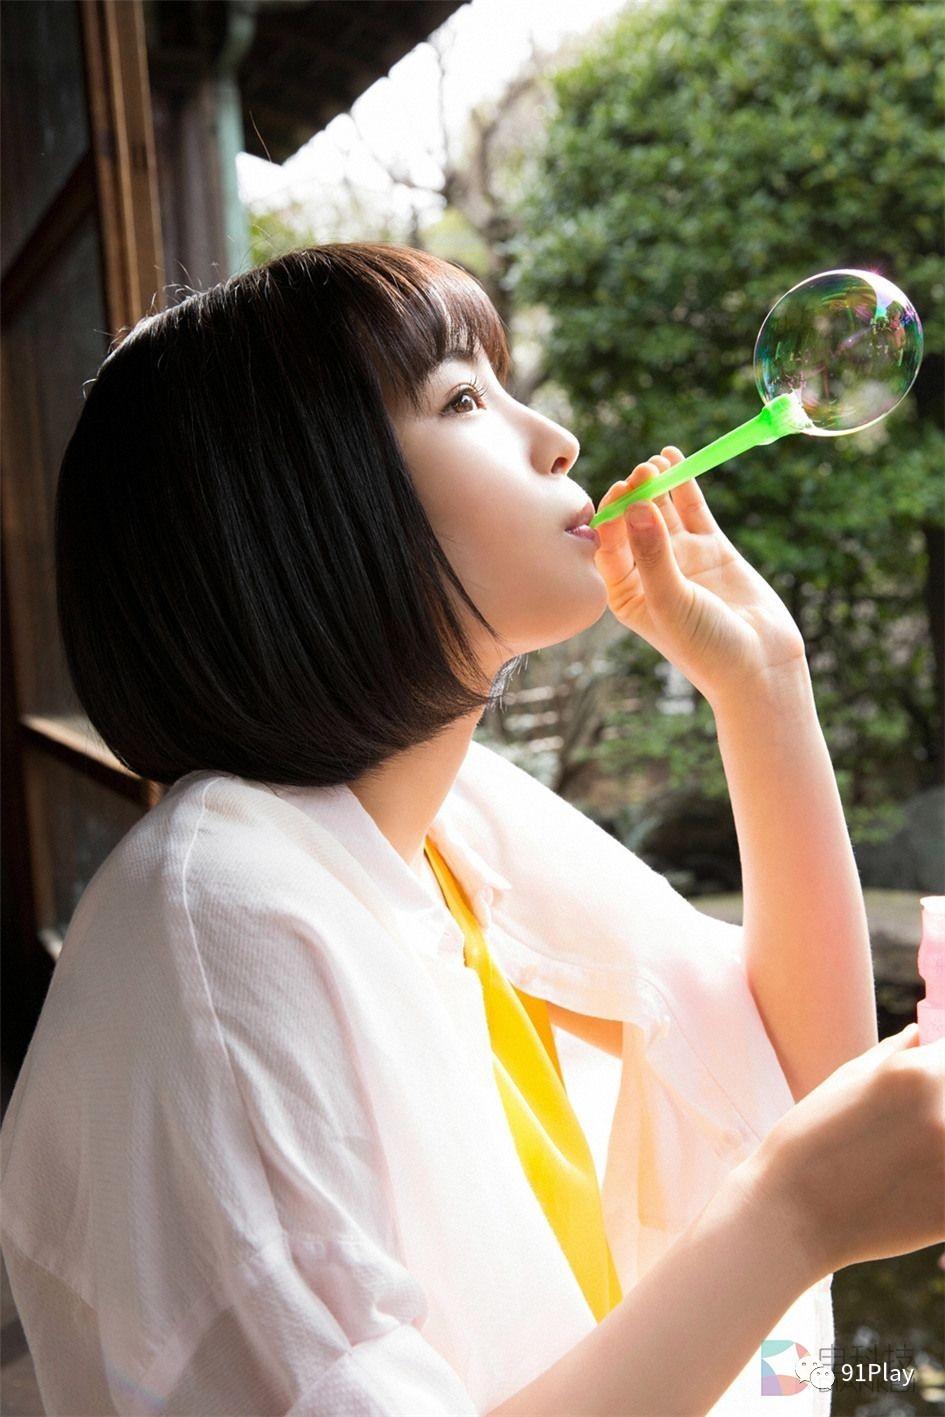 晴朗的天气里在窗台上吹泡泡,是不是很多人都这么干过,清纯的短发美女图片